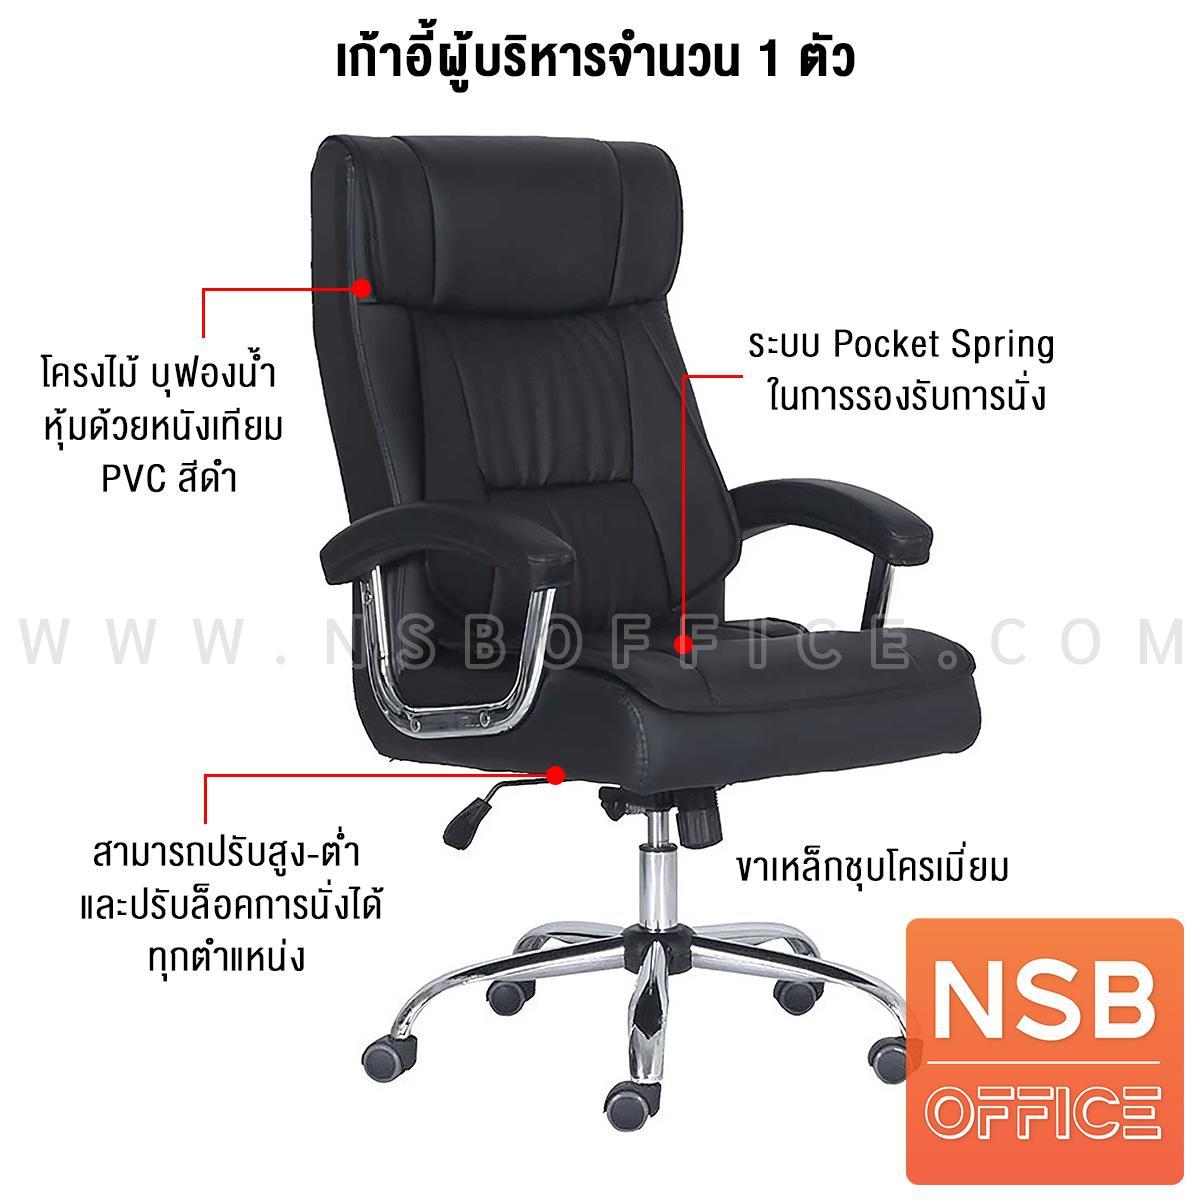 เซ็ตโต๊ะทำงานผู้บริหาร สีเวงเก้-ขาว รุ่น Arch   พร้อมตู้เก็บเอกสาร เก้าอี้สำนักงาน (รวม 5 ชิ้น)